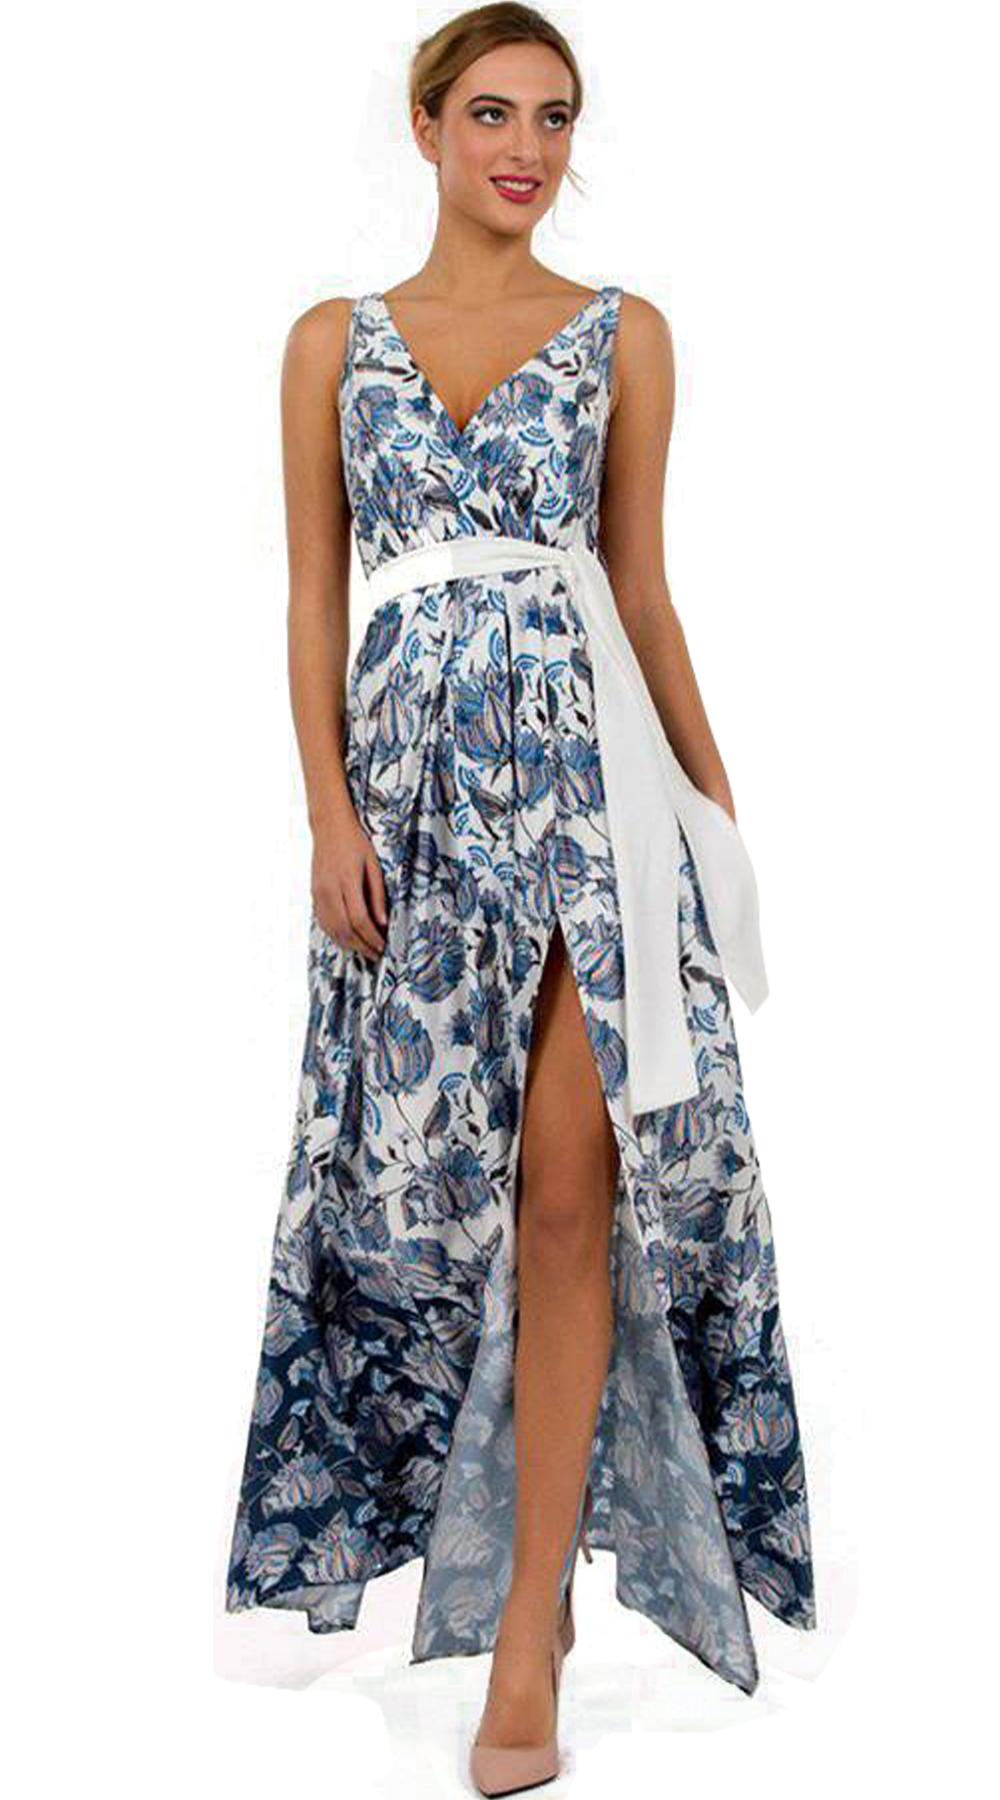 Μάξι φόρεμα με σκίσιμο και ζώνη Sea Pattern - ONLINE - SP18ON-56086 glam occassions wedding shop